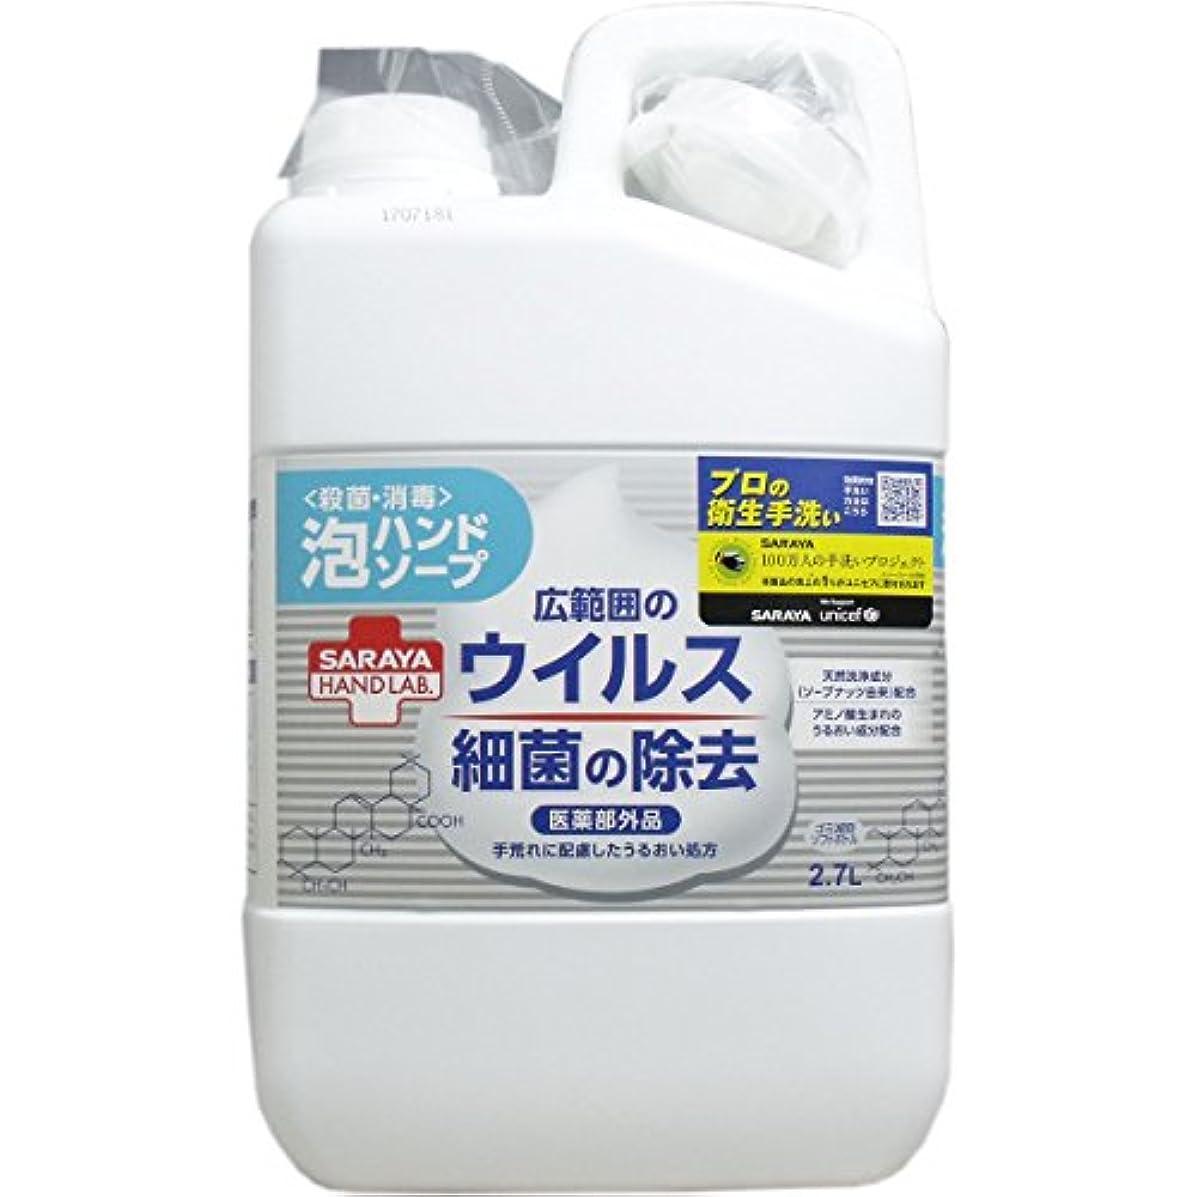 見捨てられた減衰糞ハンドラボ 薬用泡ハンドソープ 詰替用 2.7L×2個セット